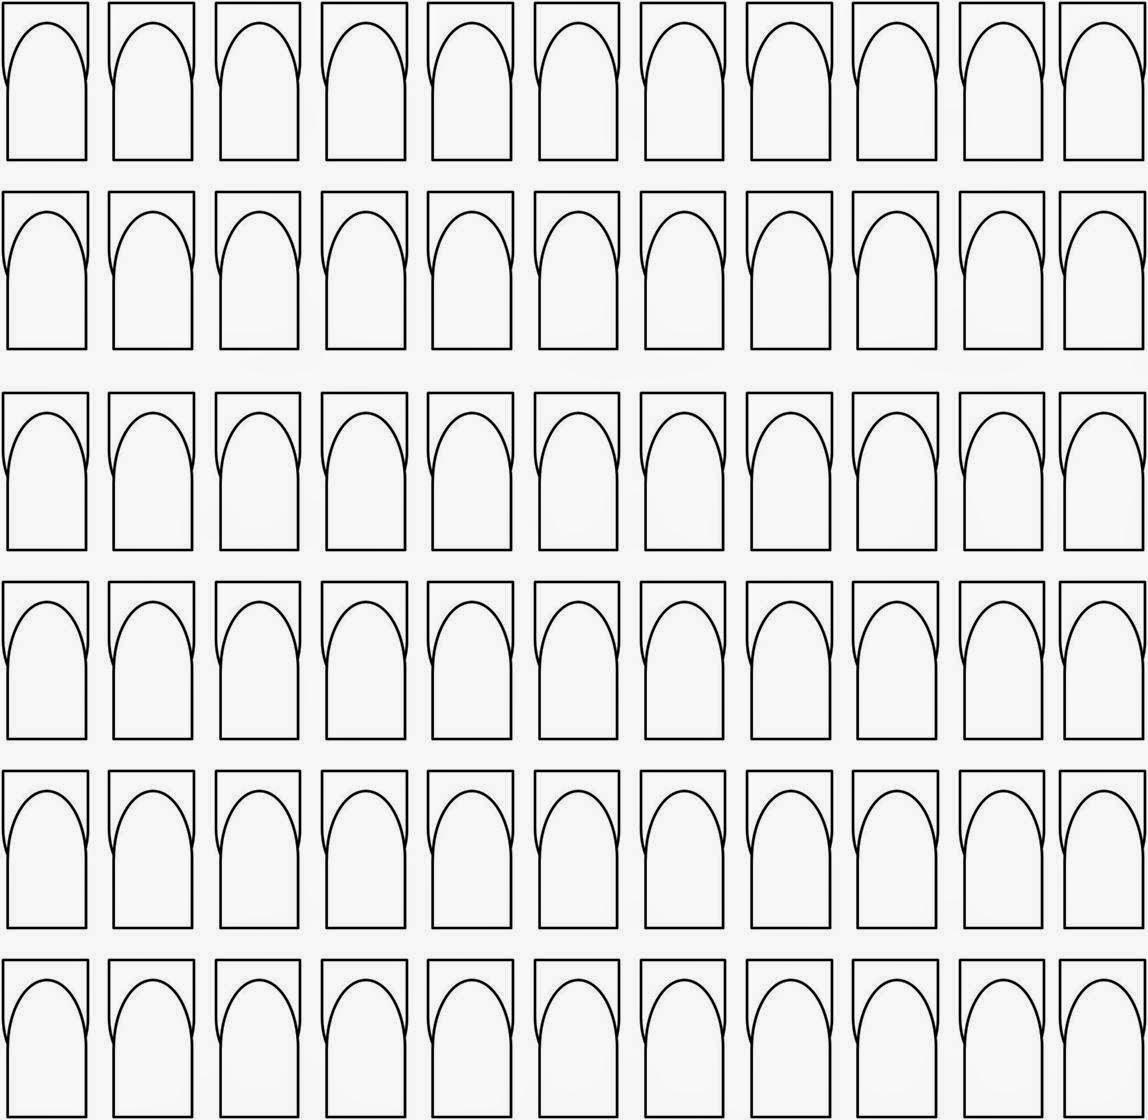 Figura 1En color blanco para que puedan practicar diseños ya sea líneas,  animal print, One Stroke donde el color oscuro va para afuera ejemplo las